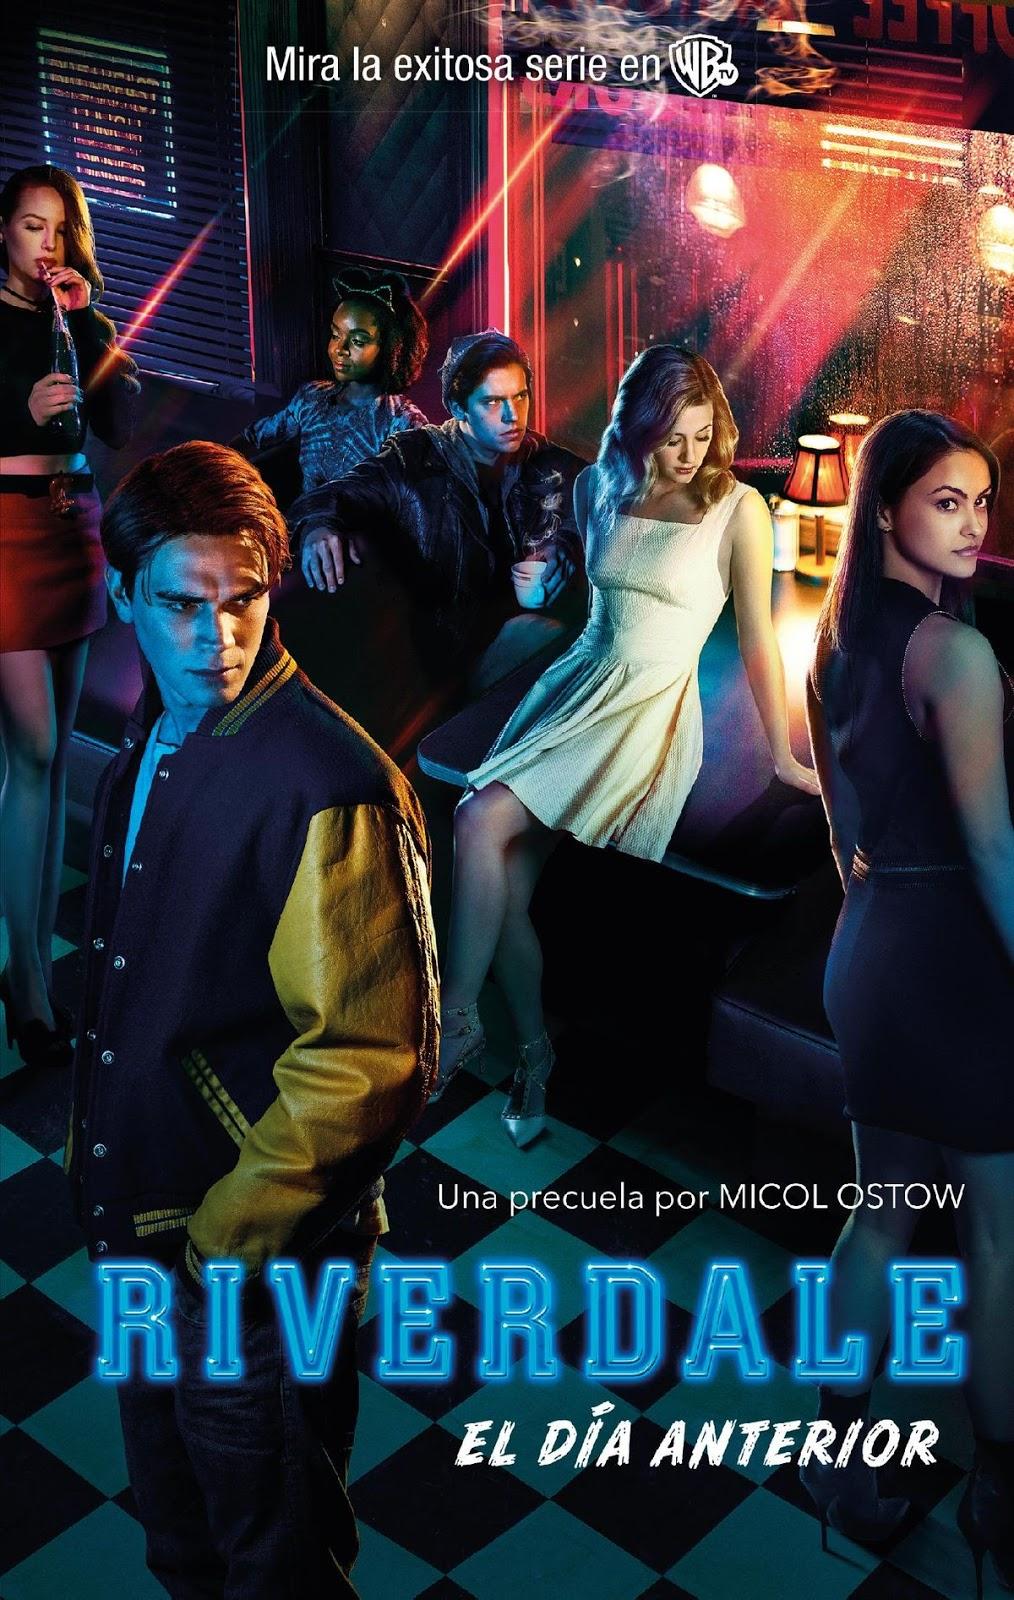 Riverdale, el día antes